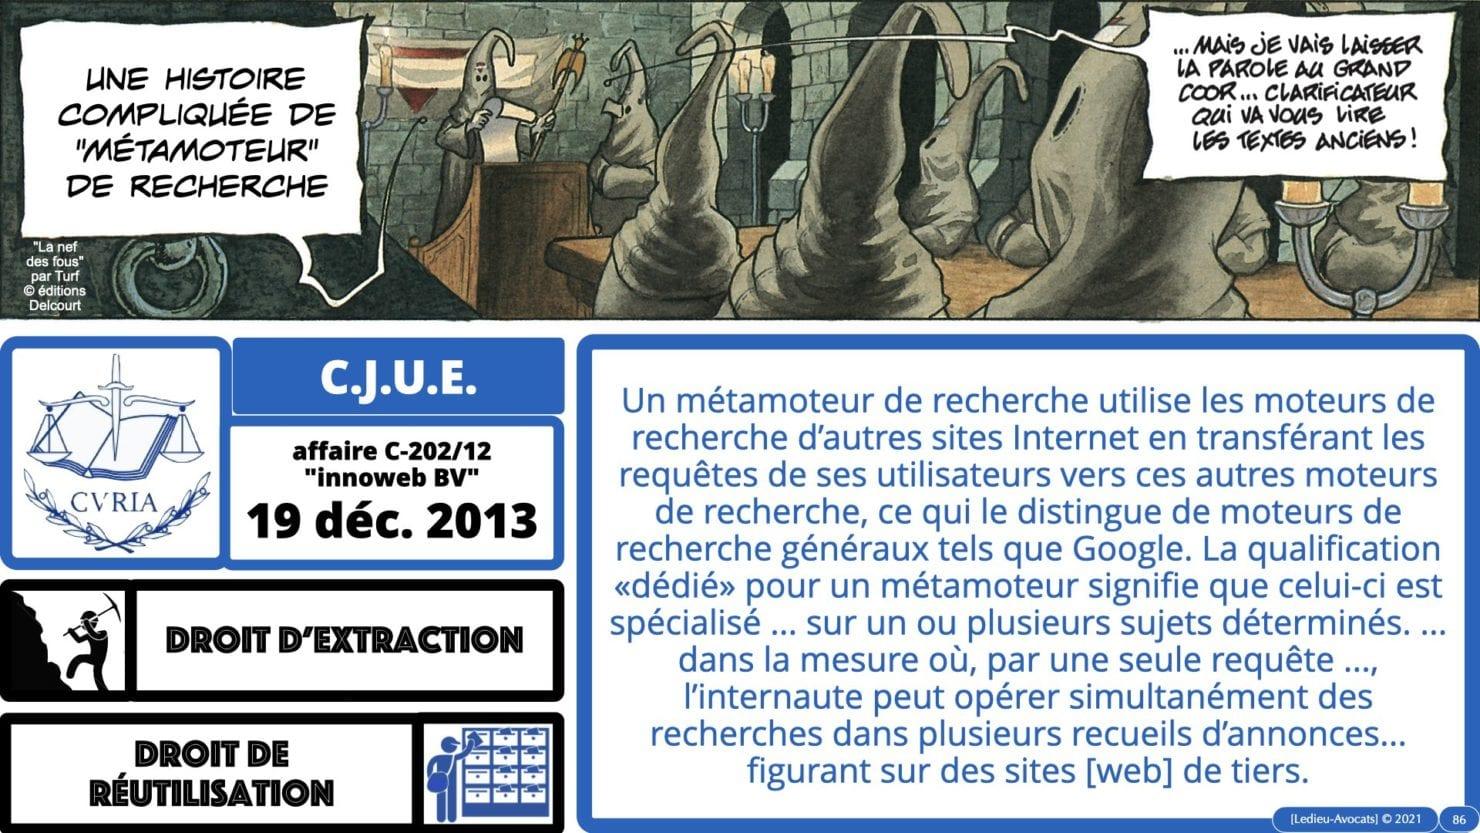 334 extraction indexation BASE DE DONNEES © Ledieu-avocat 24-05-2021.086